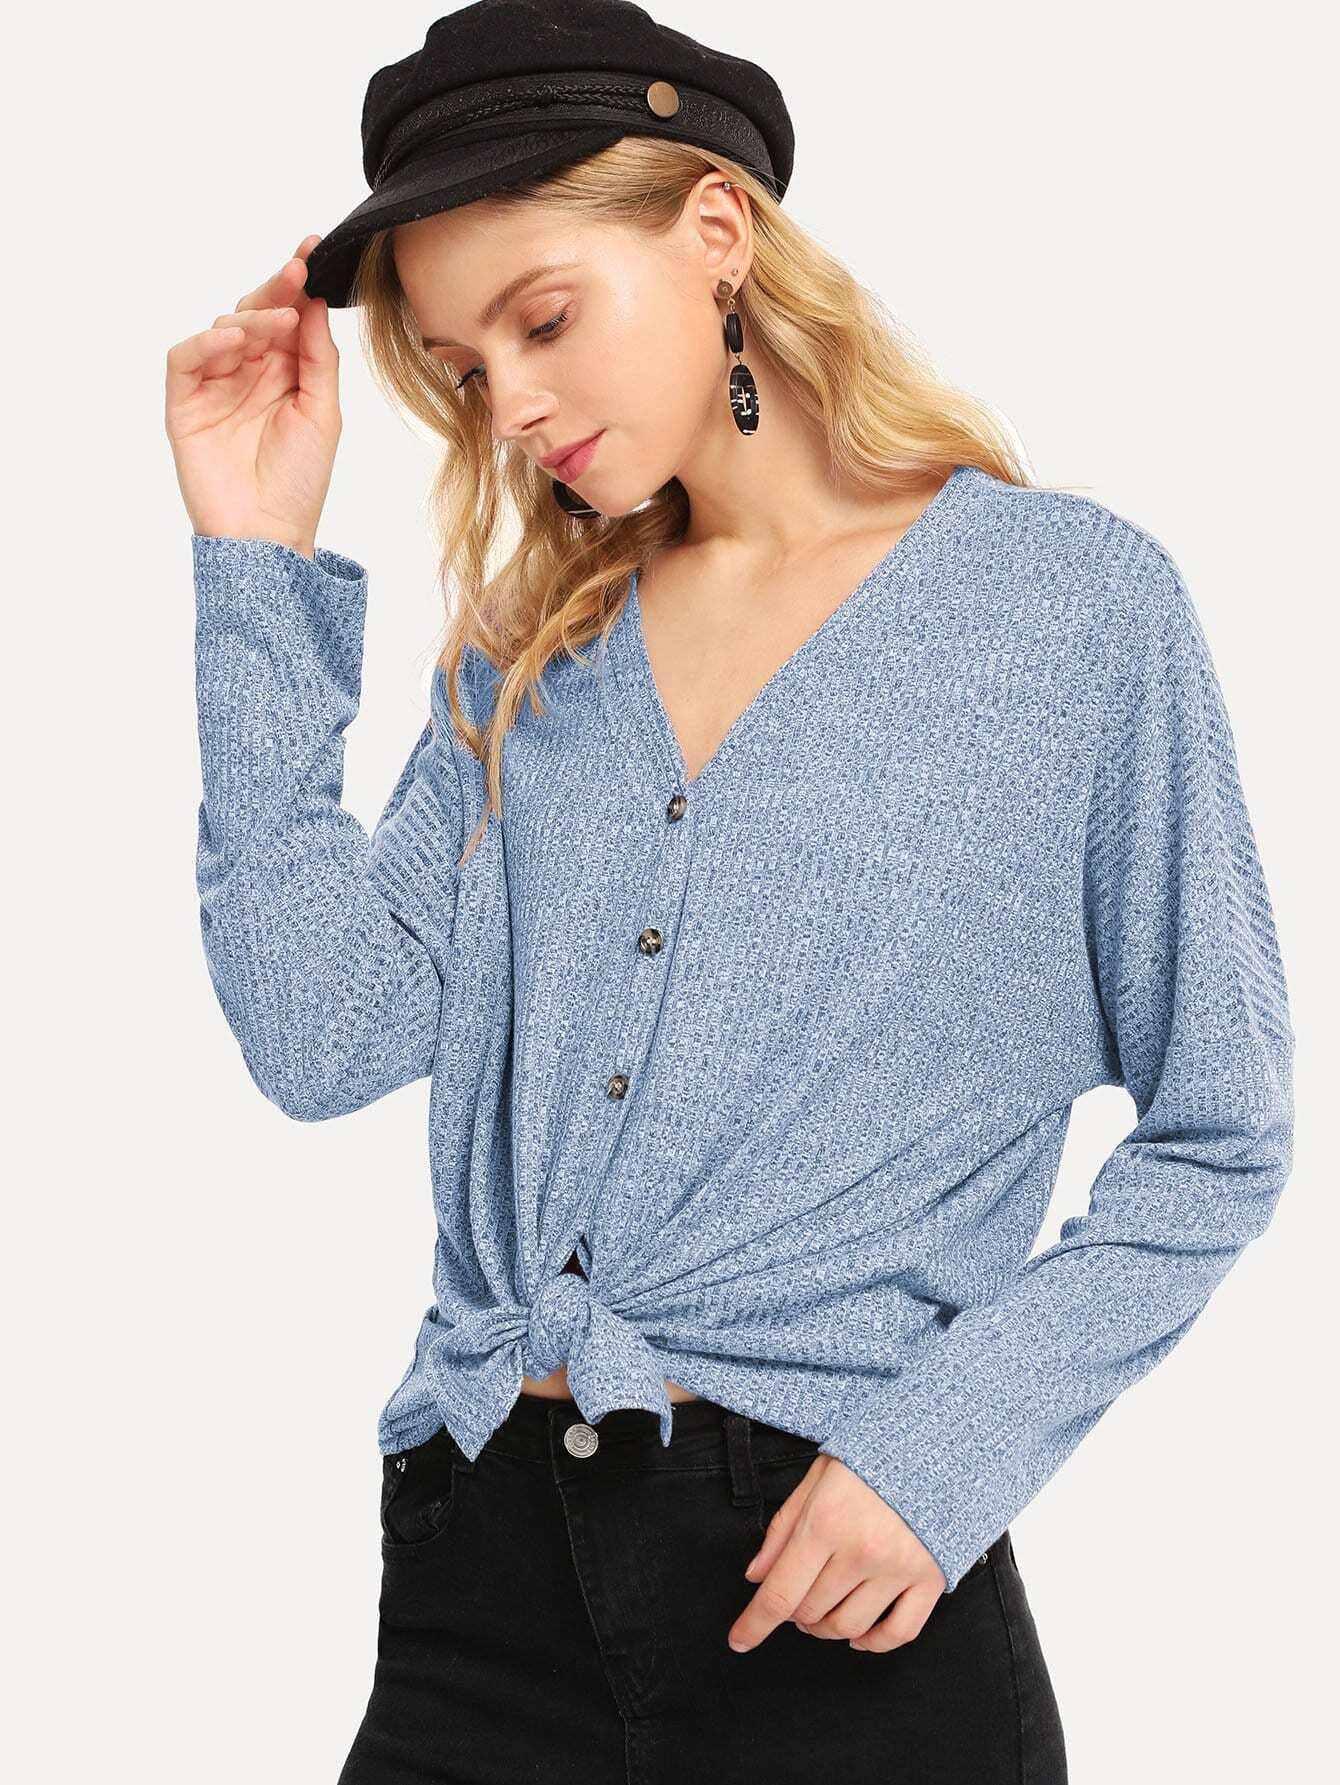 camiseta escote v con botón - shein espa09a